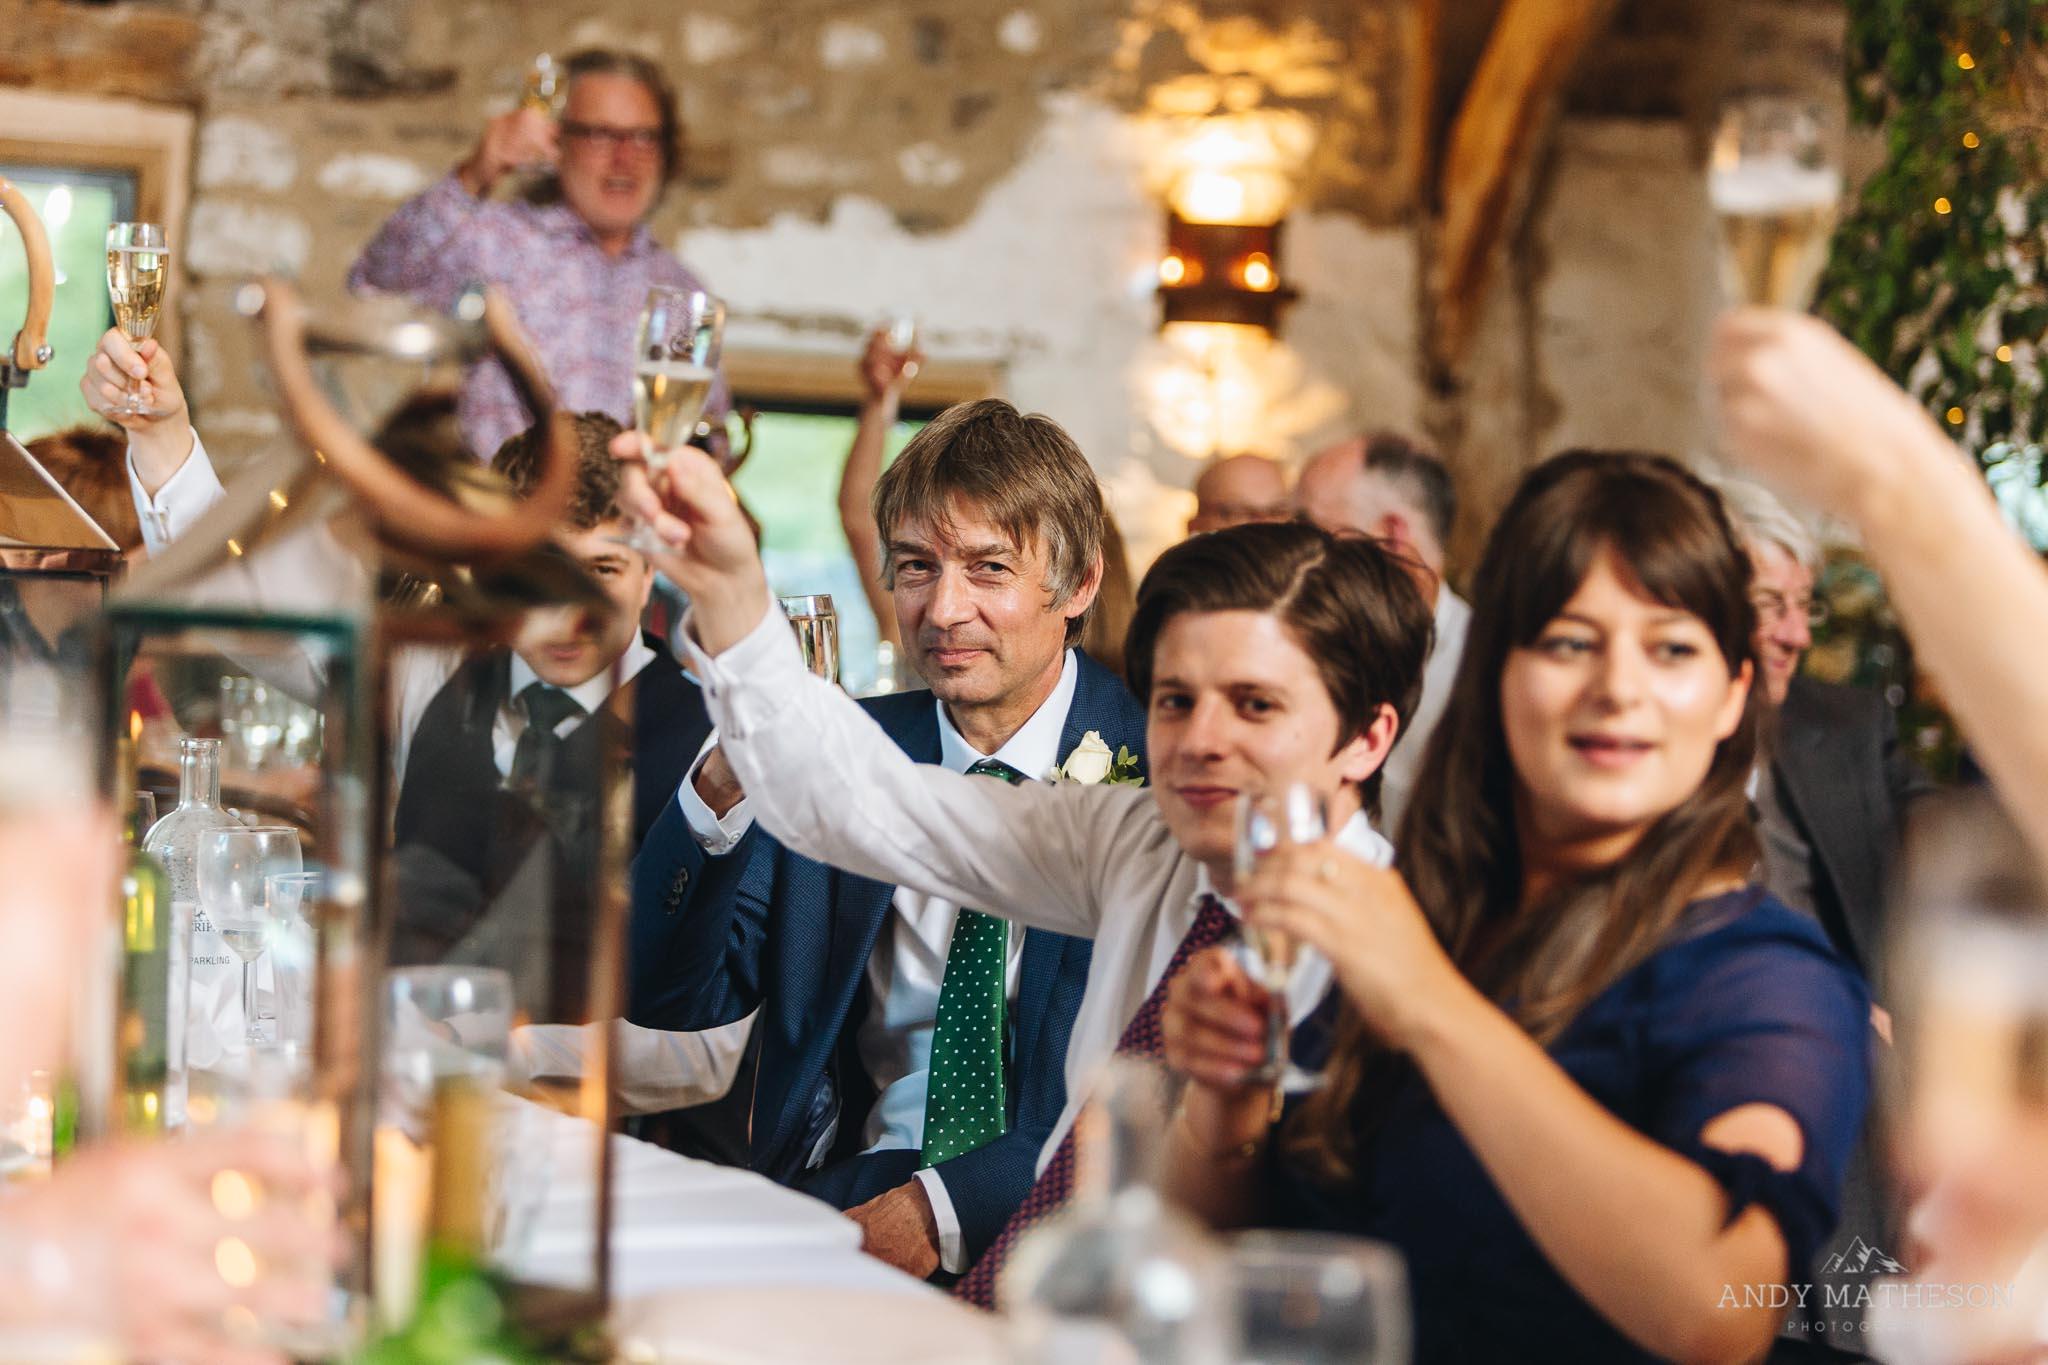 Tithe Barn Bolton Abbey Wedding Photographer_Andy Matheson_085.jpg